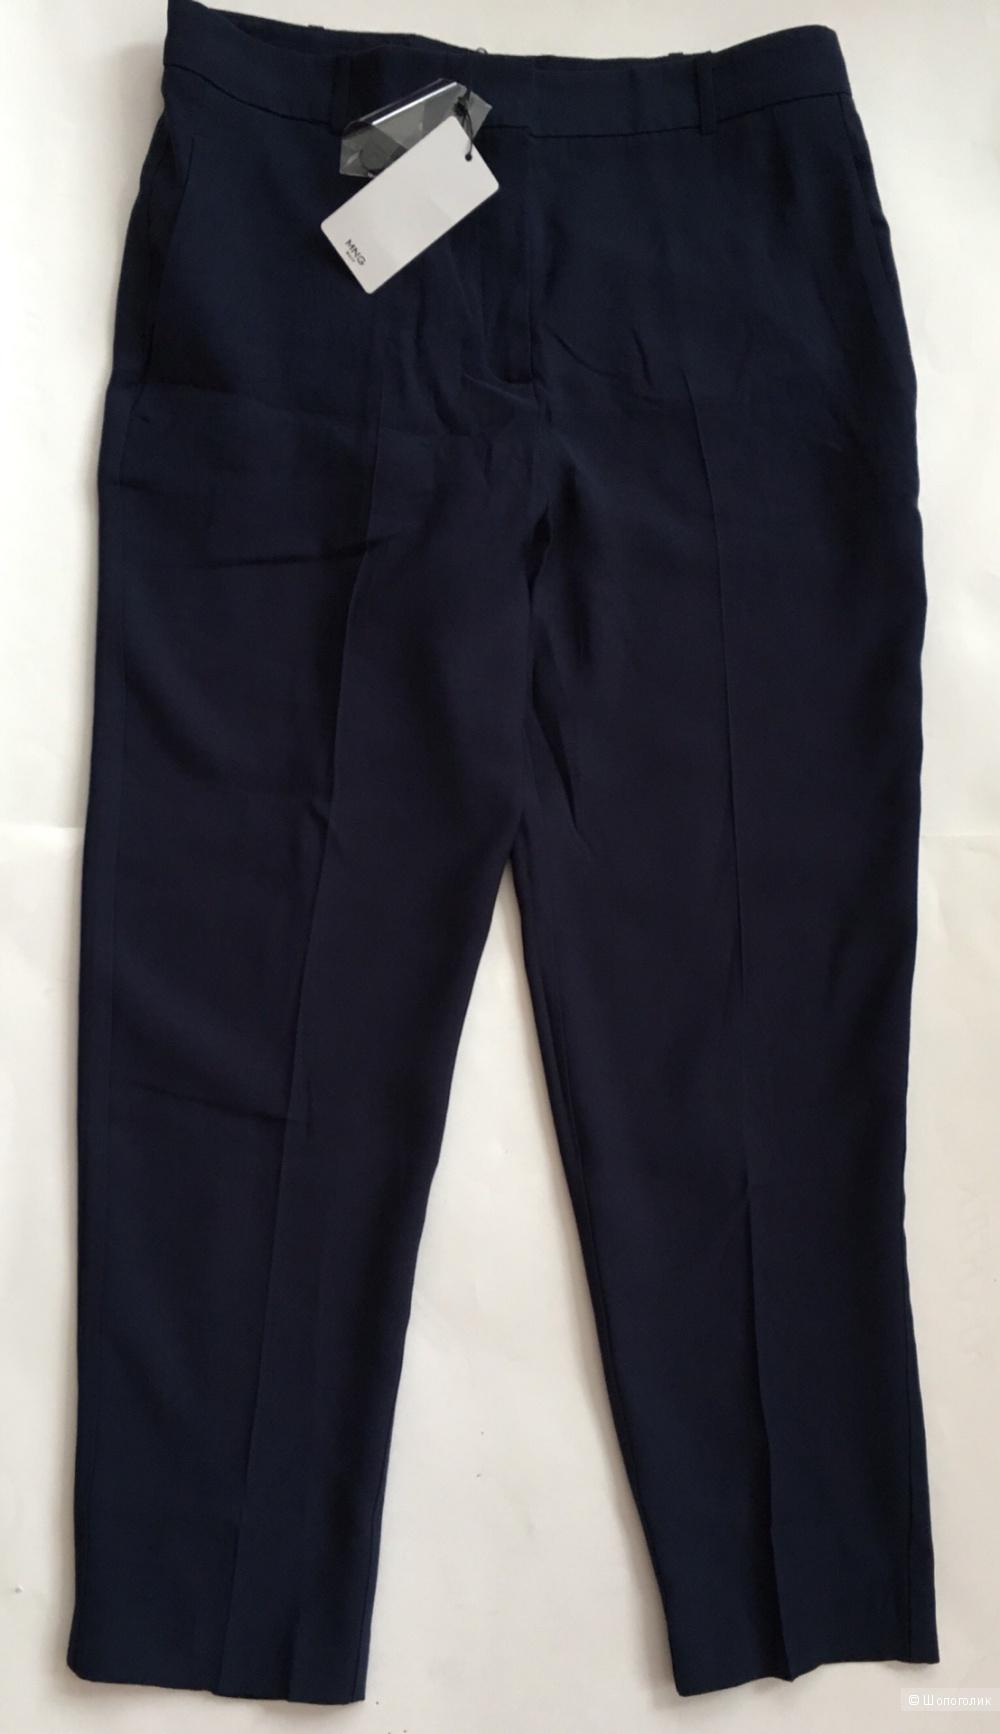 Прямые костюмные брюки Mango, 46 размер